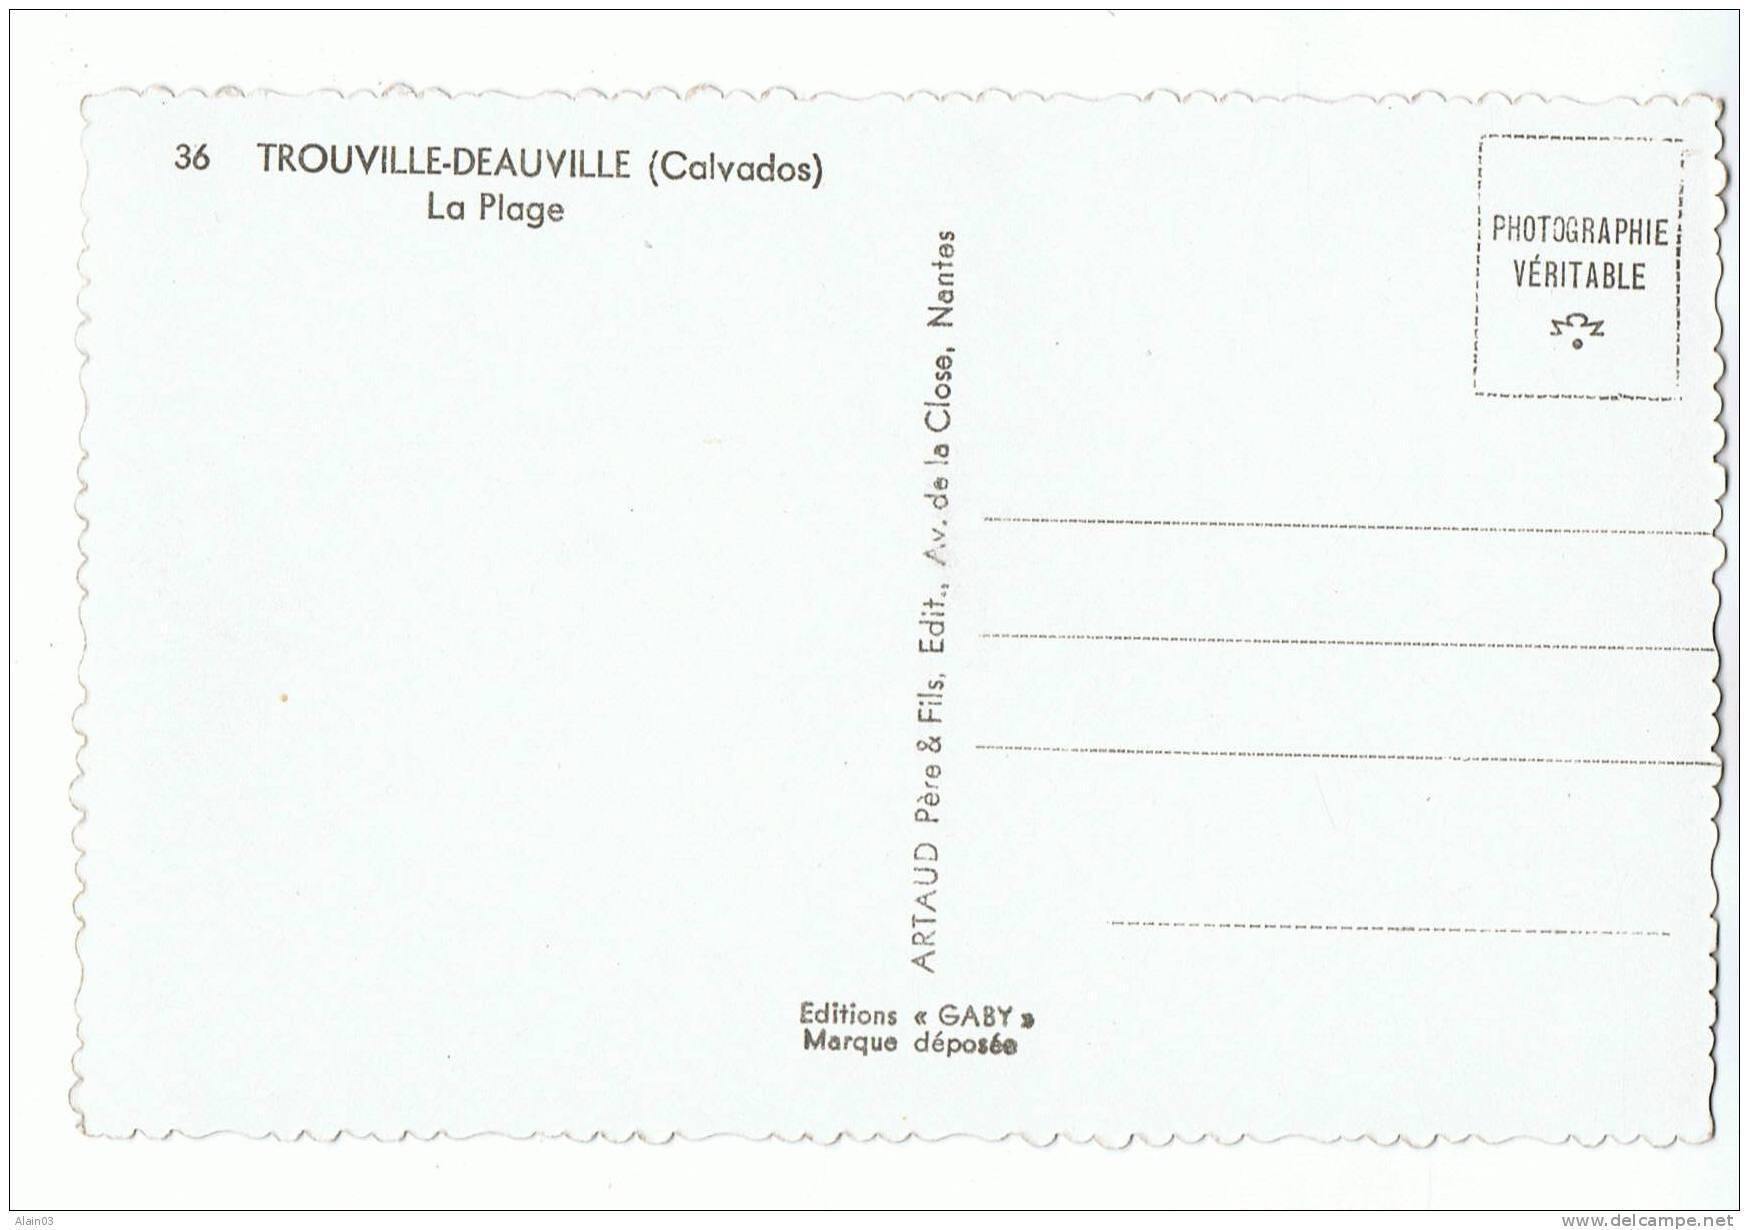 CPSM - 14 - TROUVILLE-DEAUVILLE - La Plage - Gaby 36 - Trouville